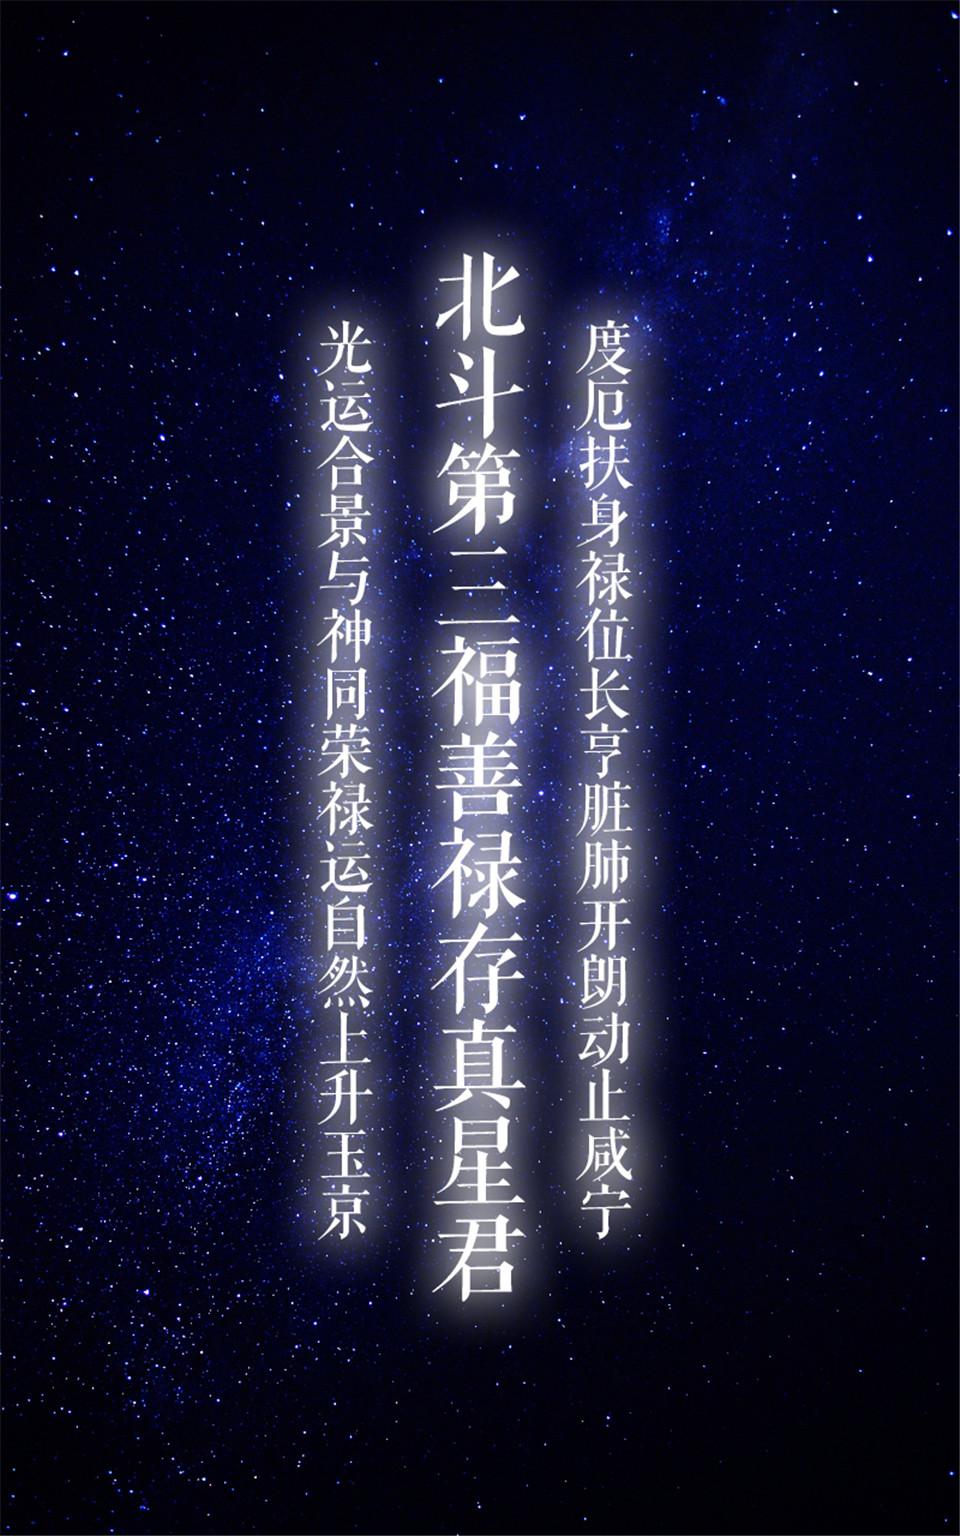 道教壁纸(五斗星君)